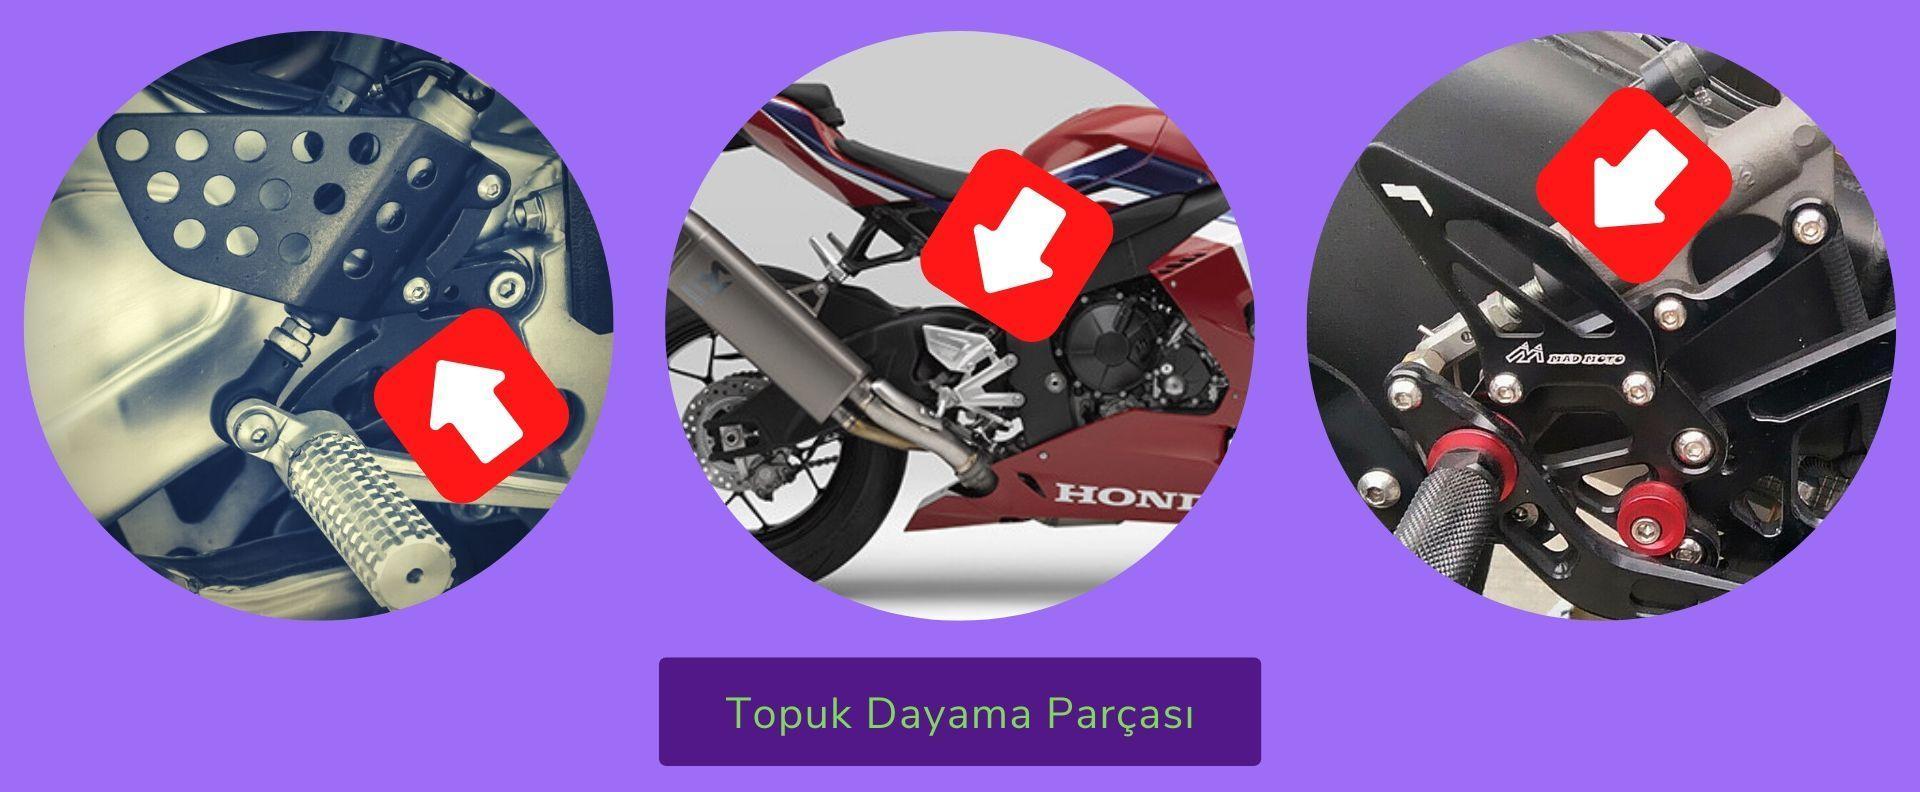 Motosiklet Topuk Dayama parçası görseli